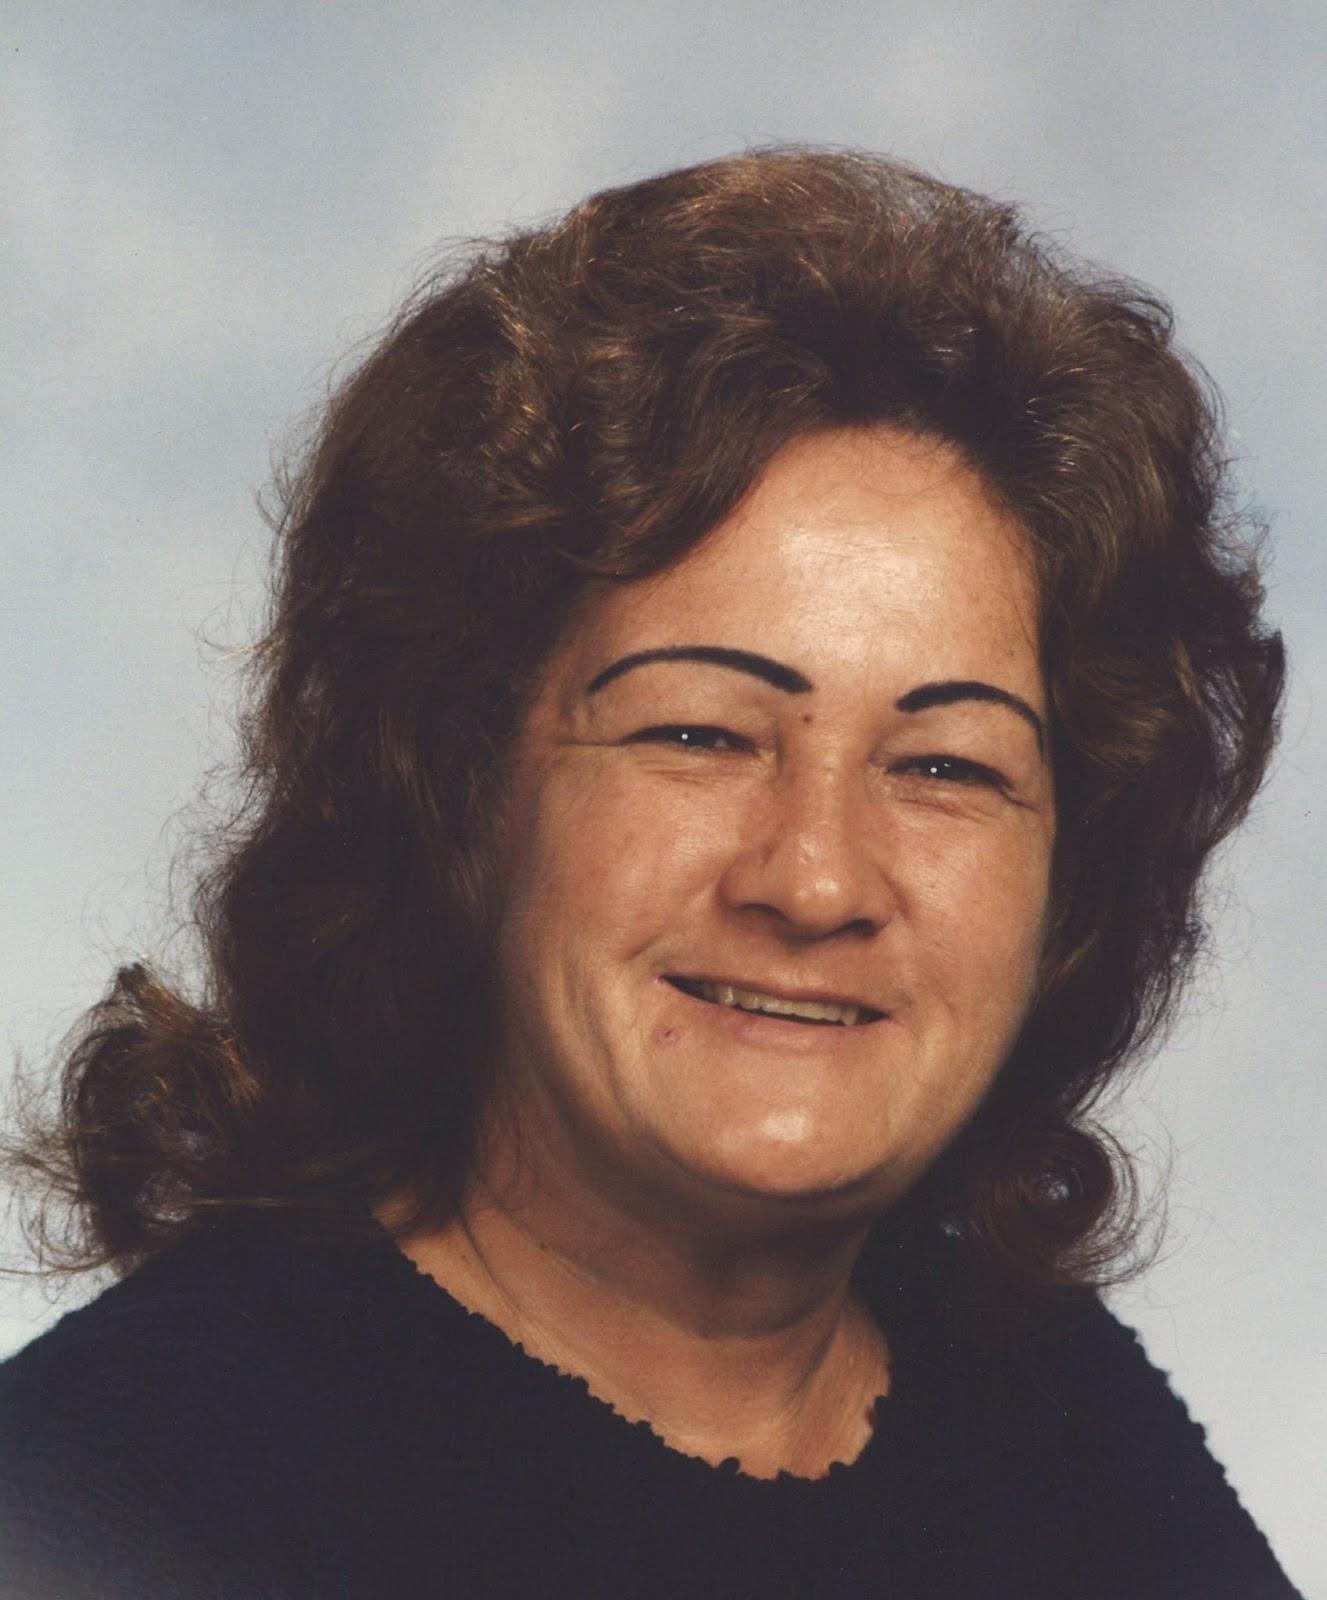 Janet l photos 49